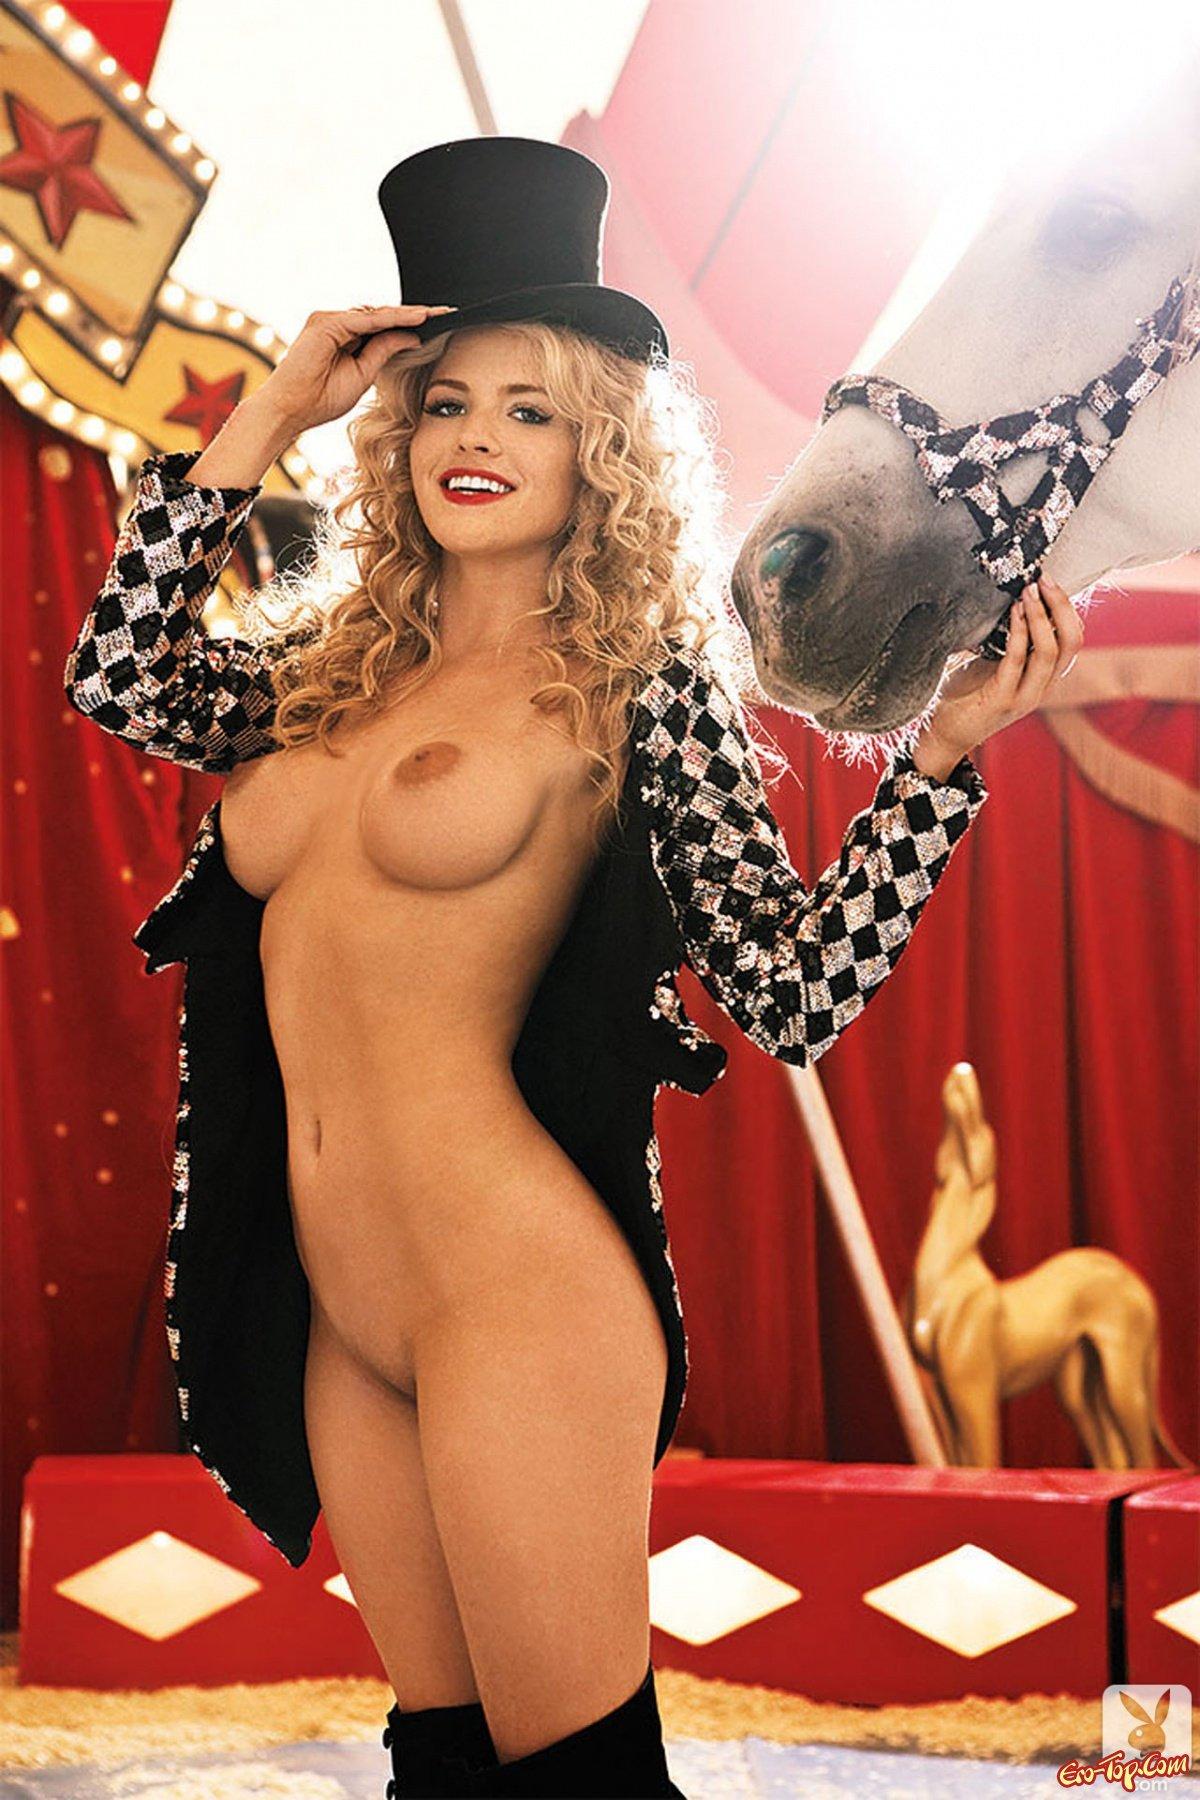 фото голых девушек из цирка